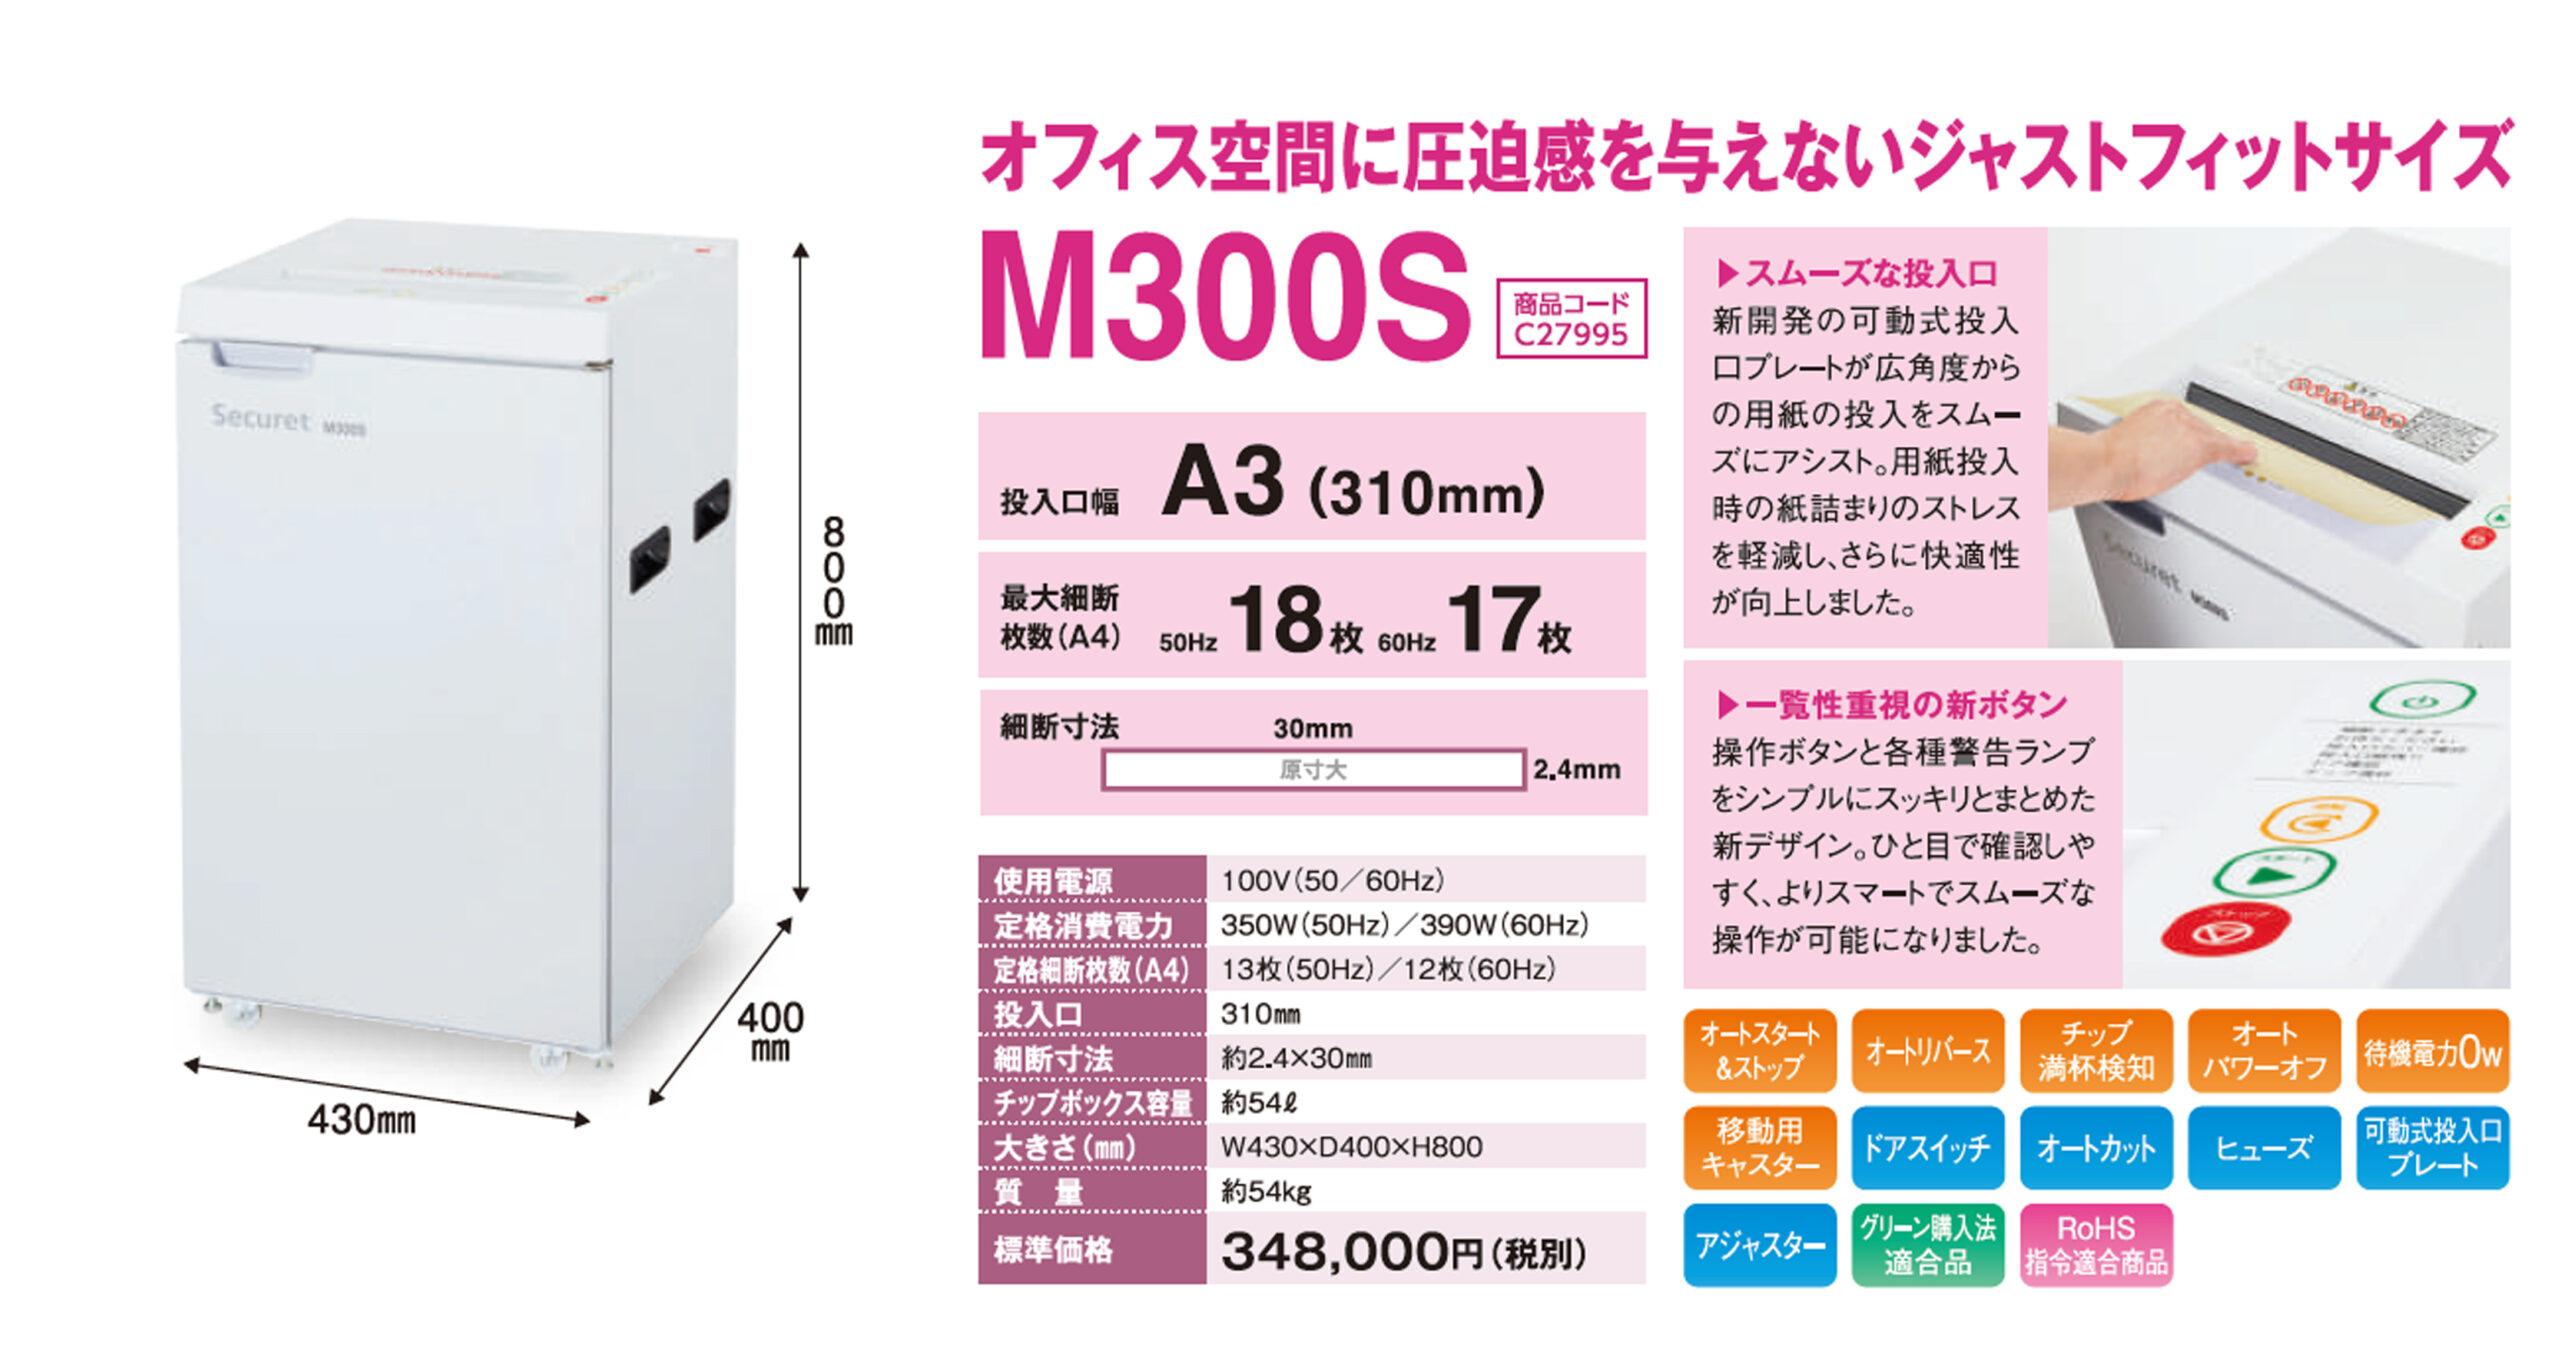 石澤製作所 セキュレットシュレッダM300S